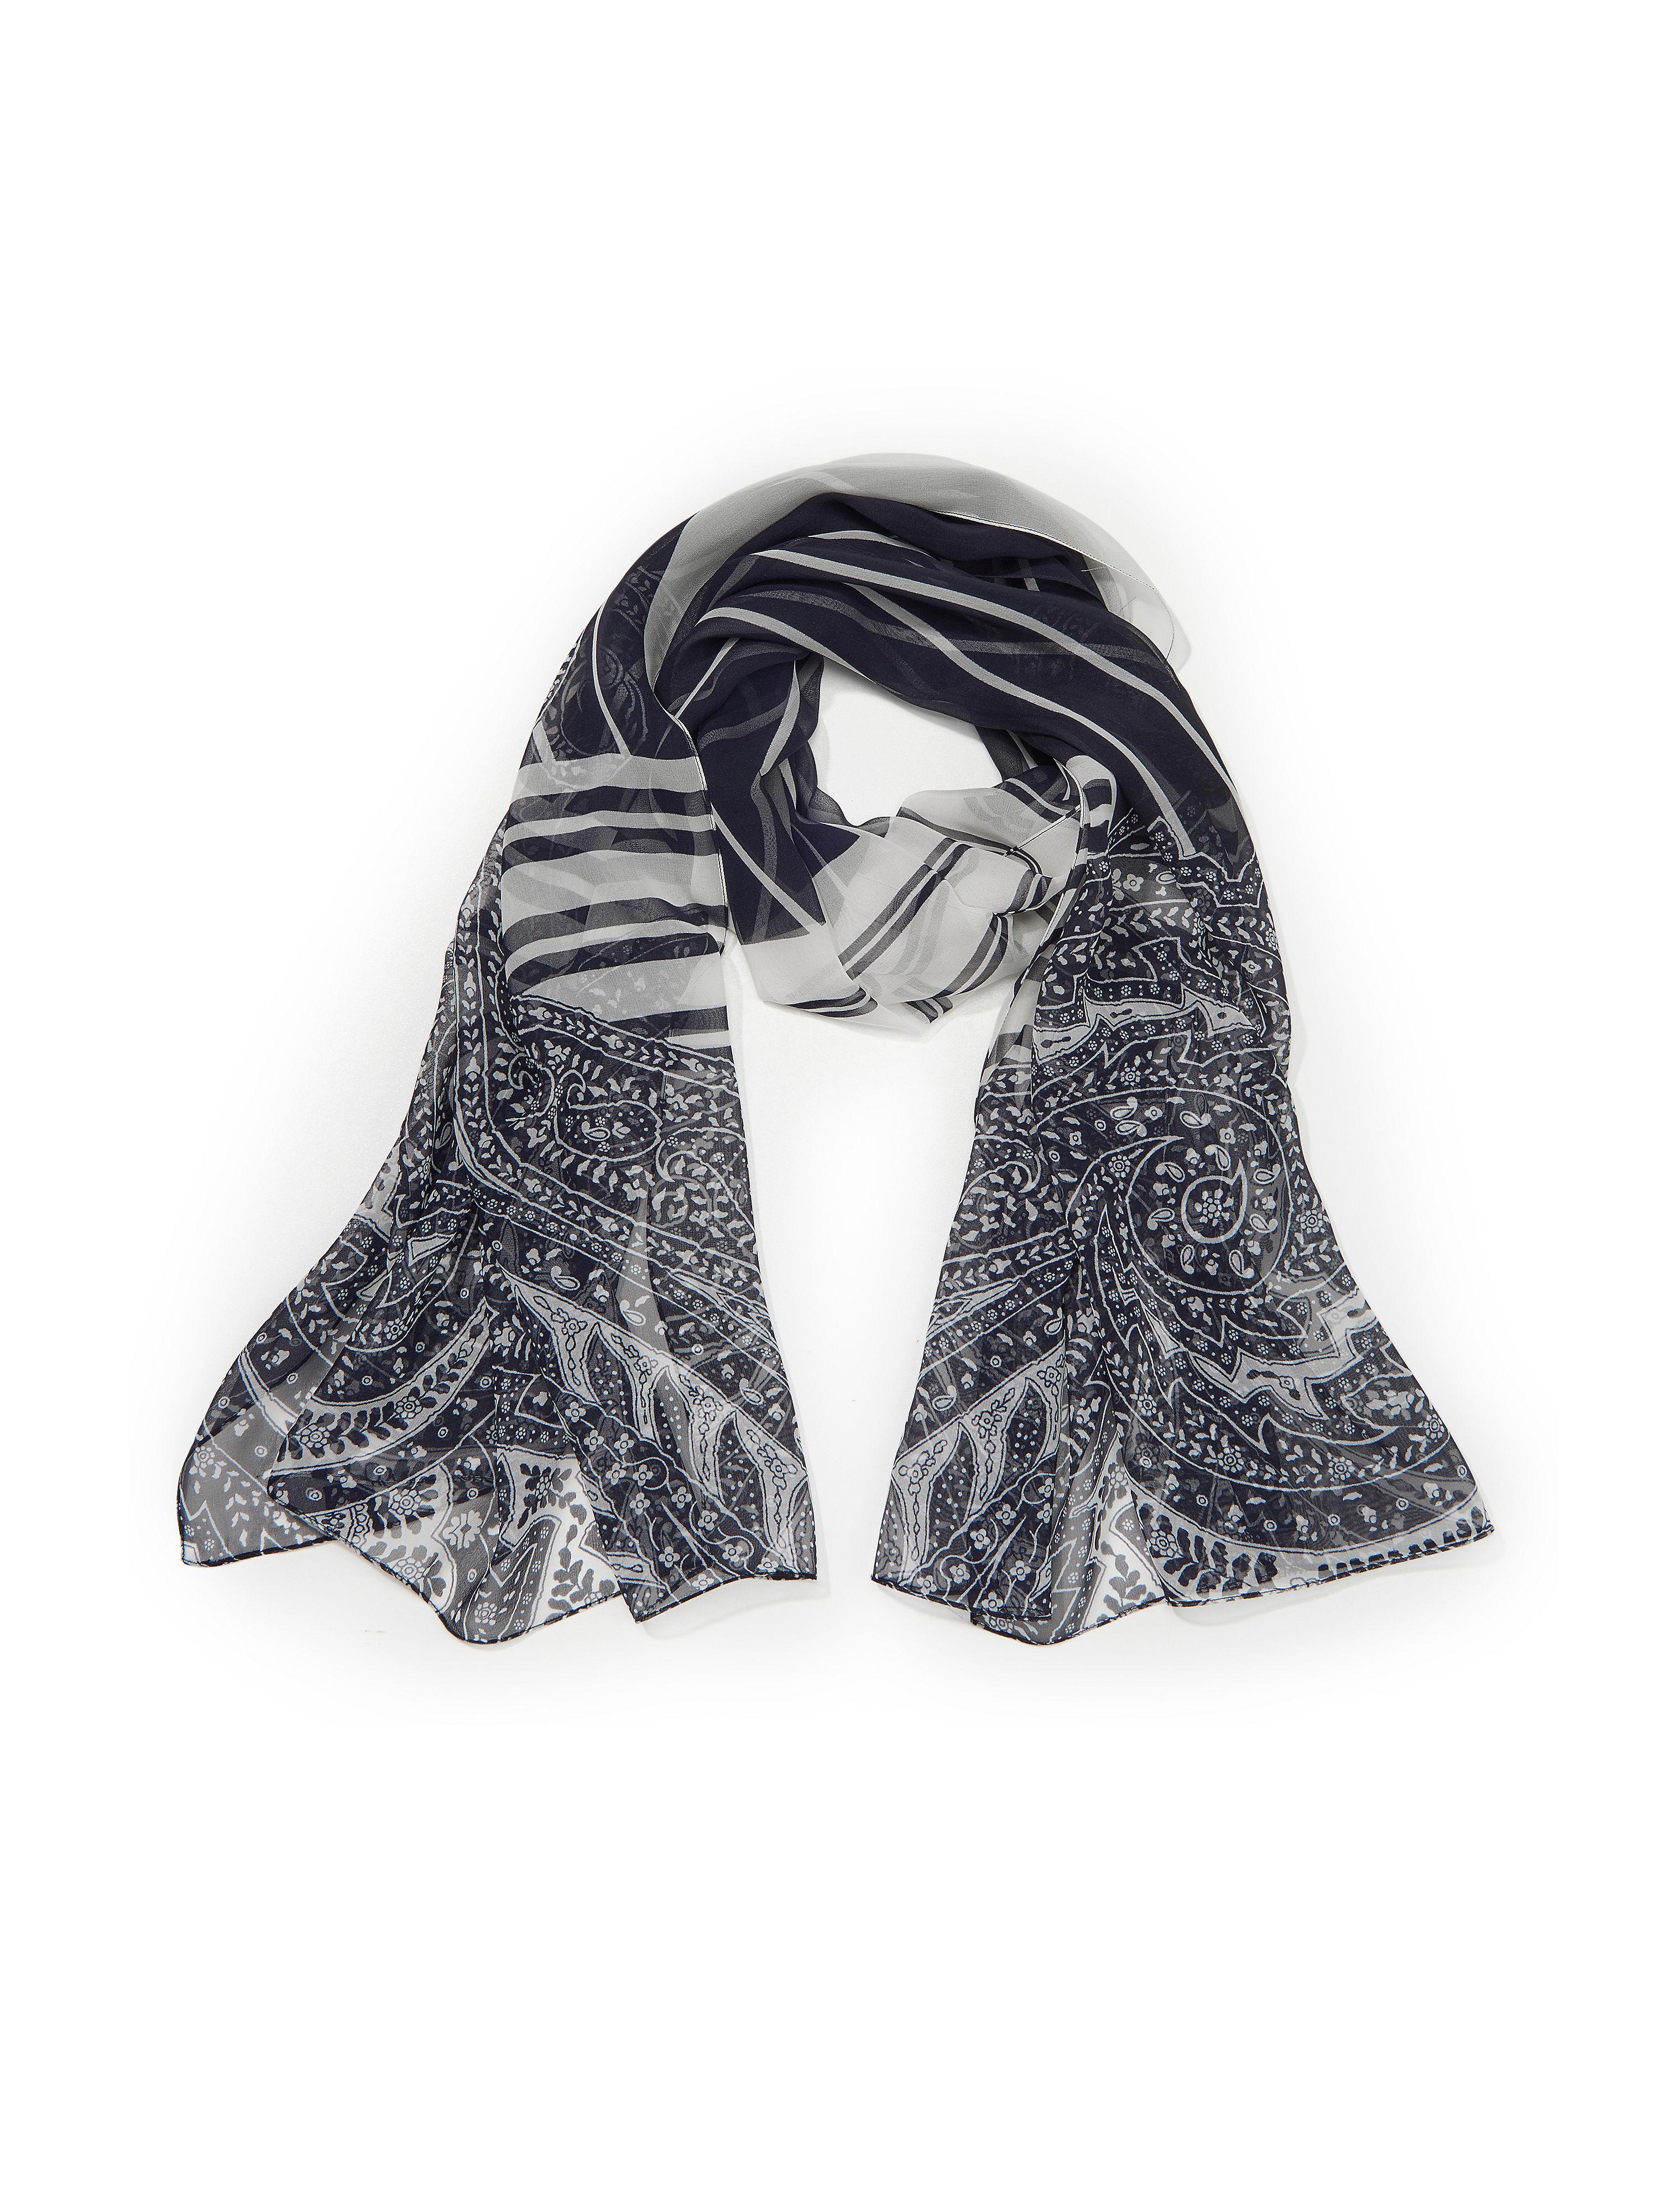 Schal aus 100% Seide Uta Raasch blau: Schal aus 100% Seide Uta Raasch blau für Damen und Herren in blau